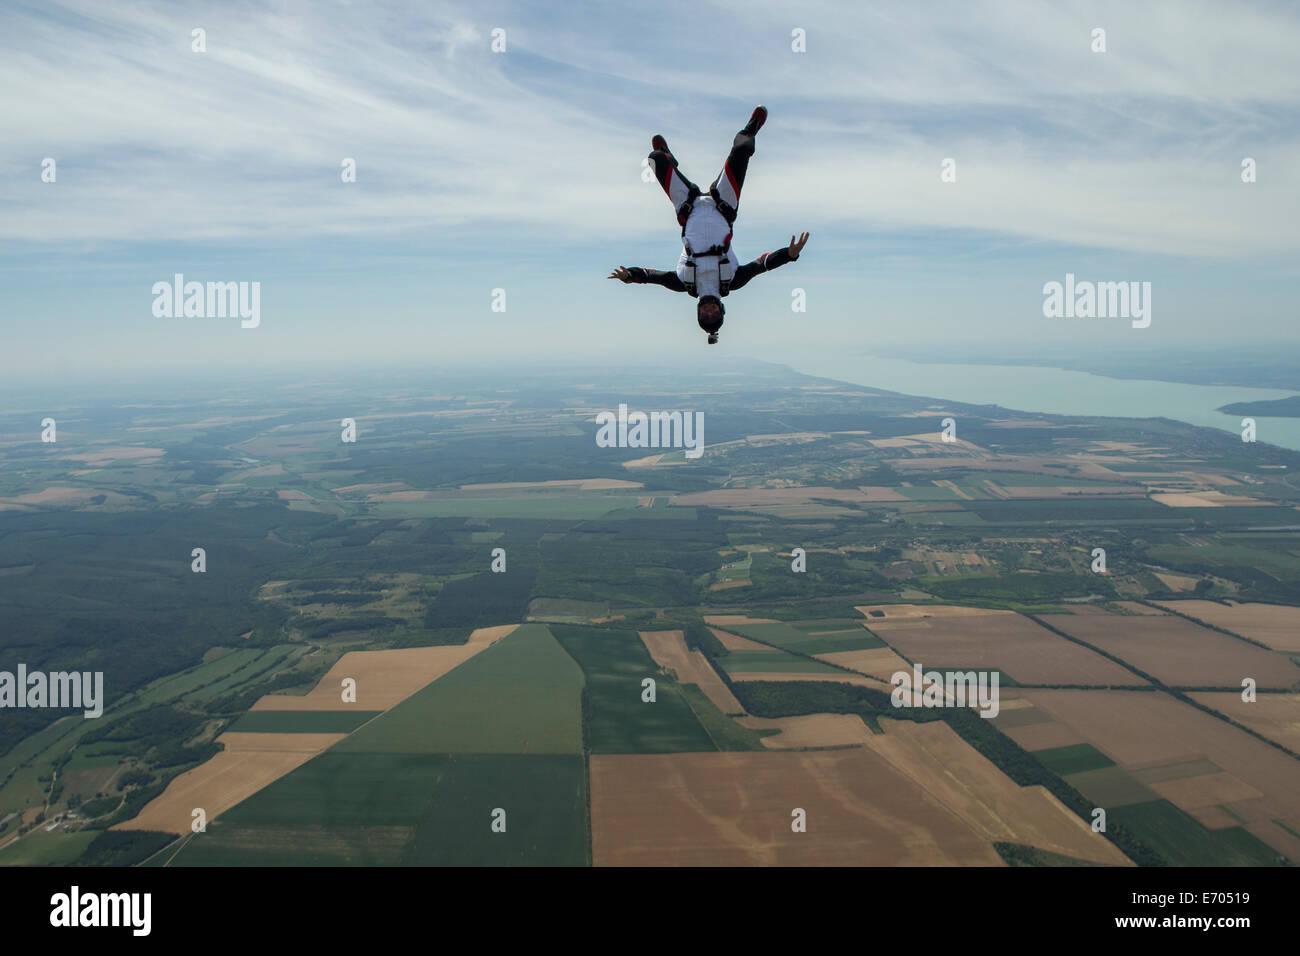 Paracadutista maschio freeflying capovolto al di sopra di Siofok, Somogy, Ungheria Immagini Stock